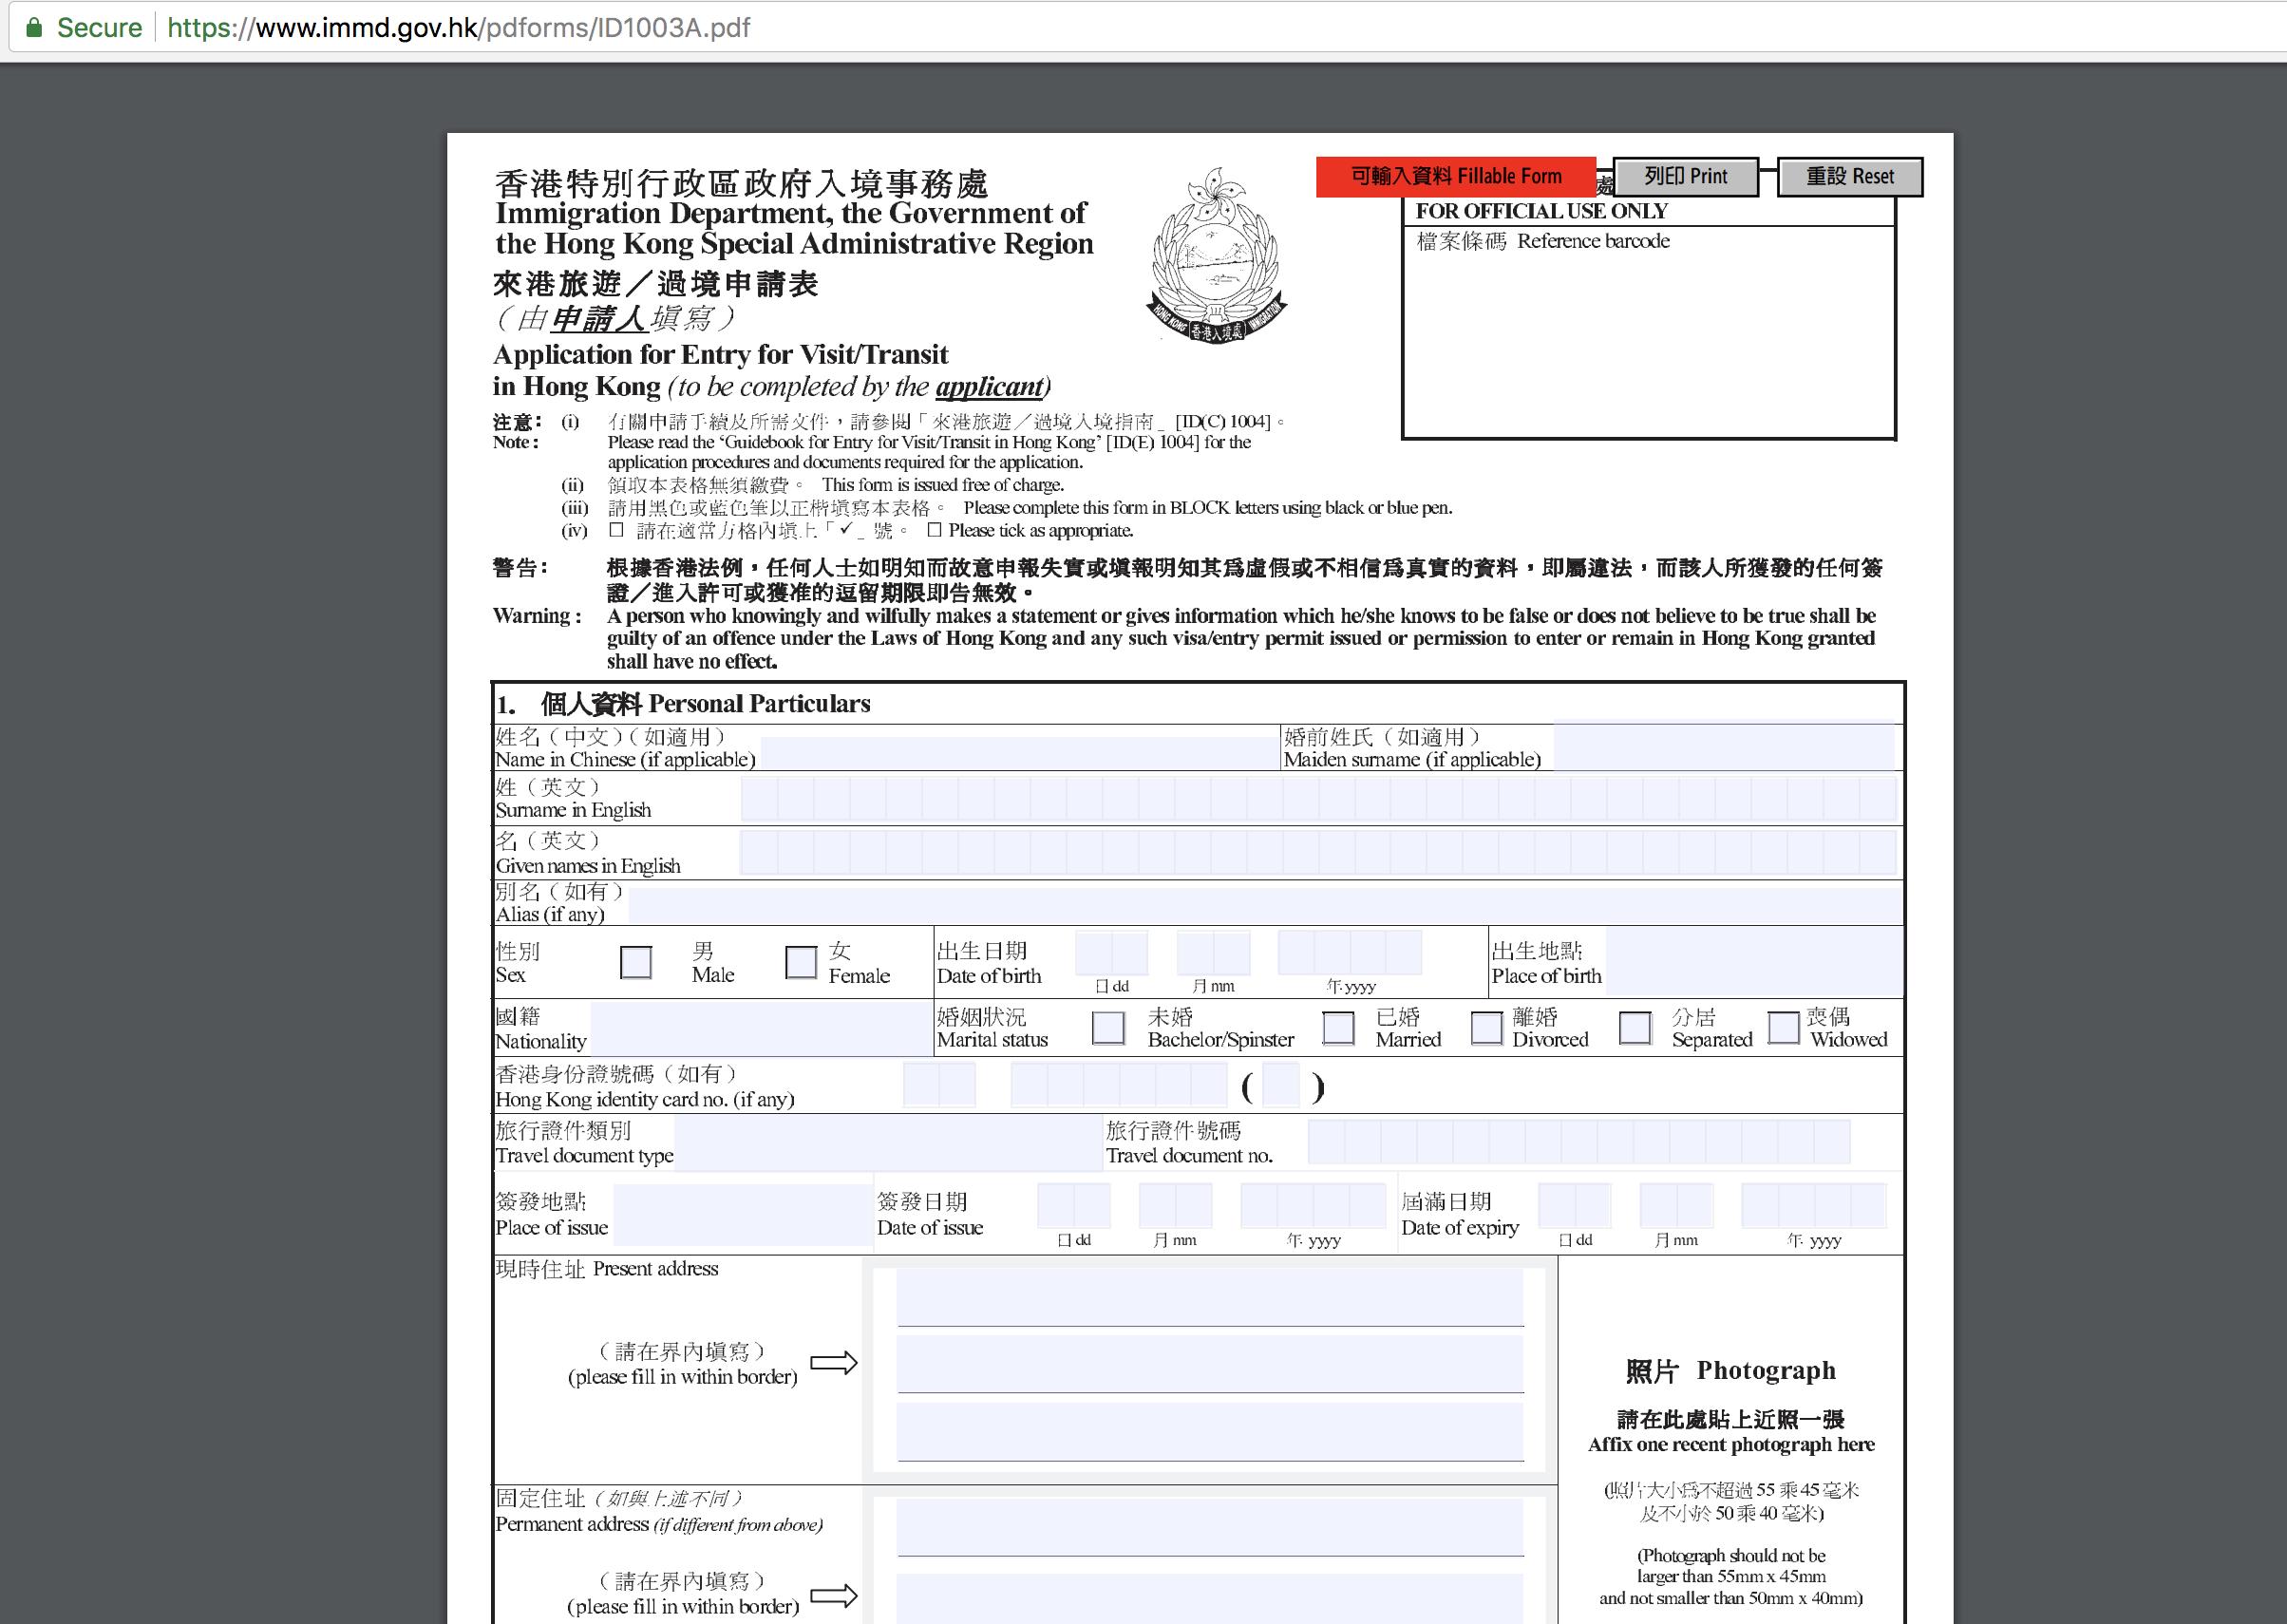 Kinh nghiệm xin visa du lịch Hong Kong